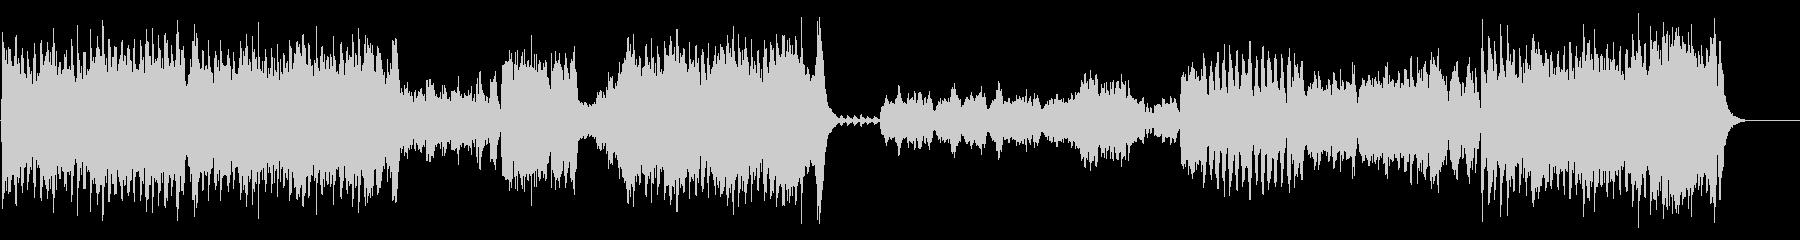 『カルメン』序曲 オーケストラの未再生の波形